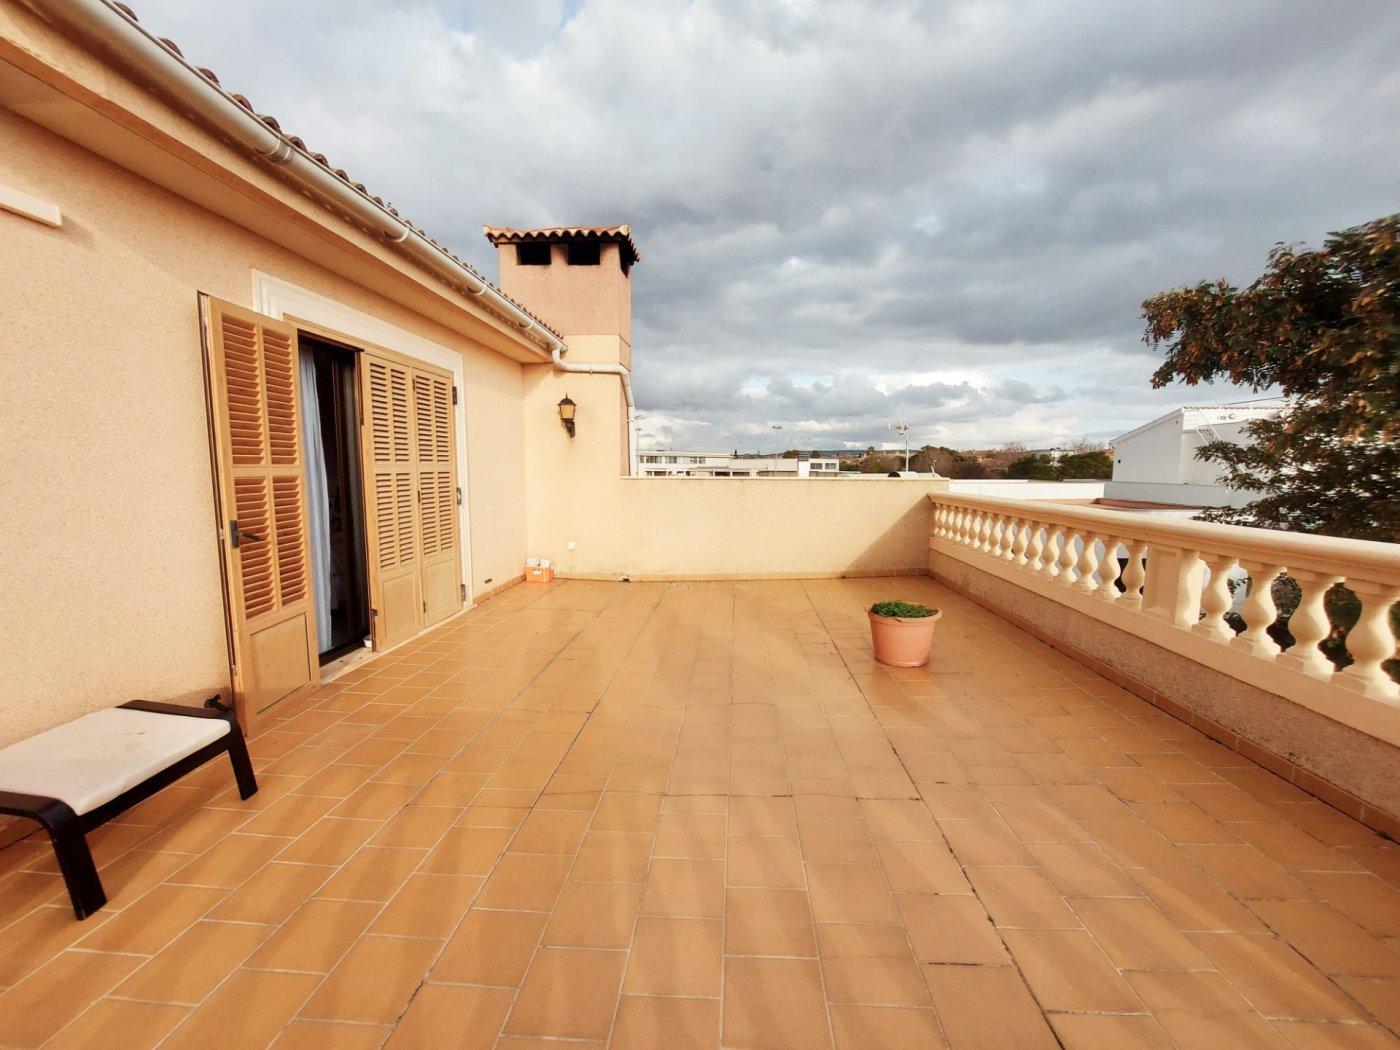 En venta espectacular casa o chalet en can carbonellell-sa cabana - imagenInmueble29